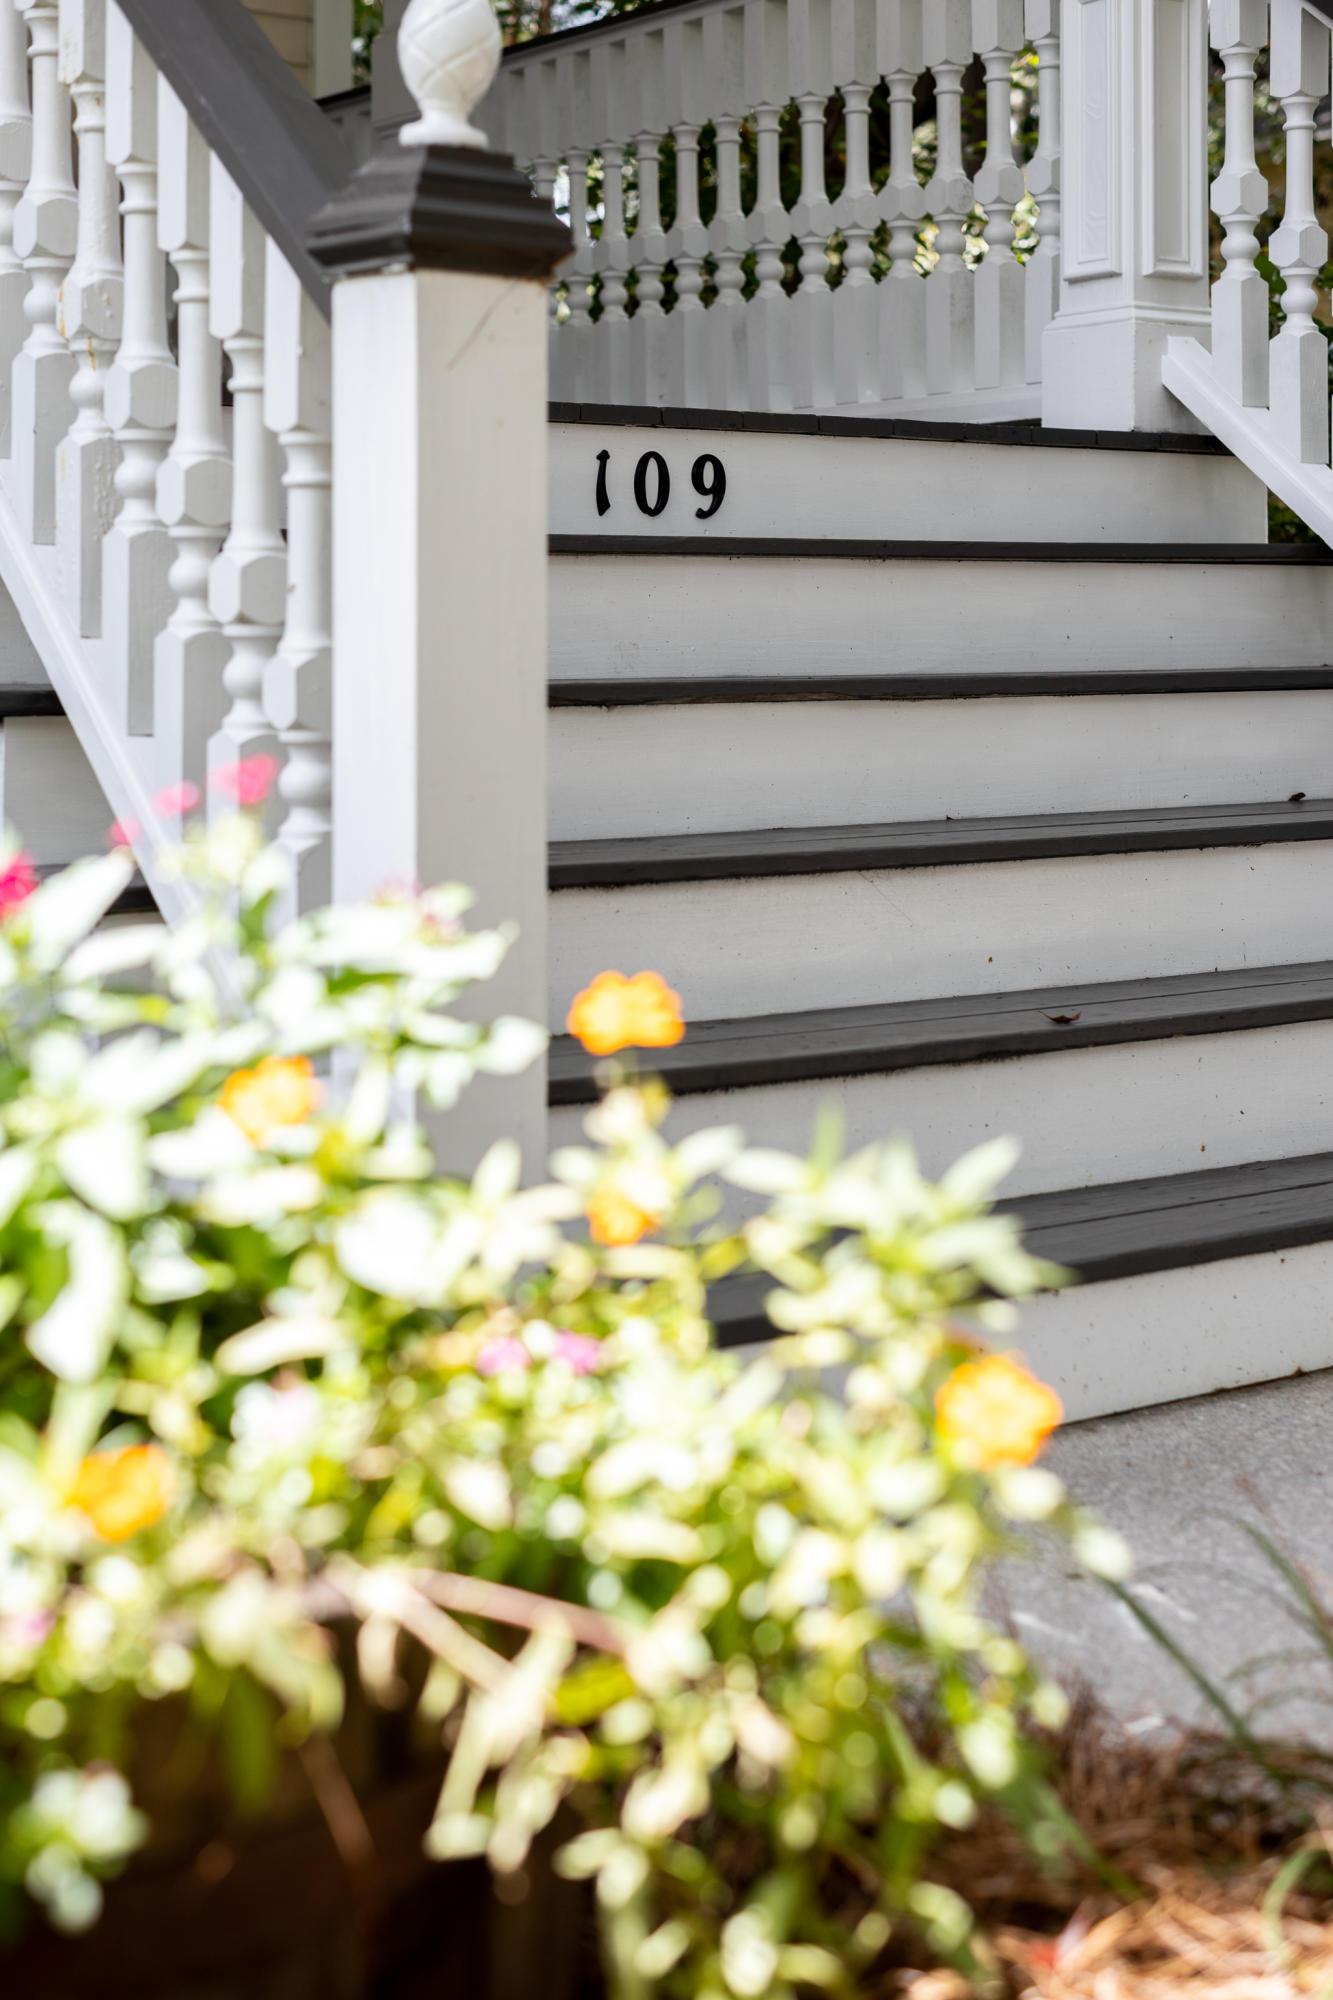 109 Tallow Street Summerville, SC 29483